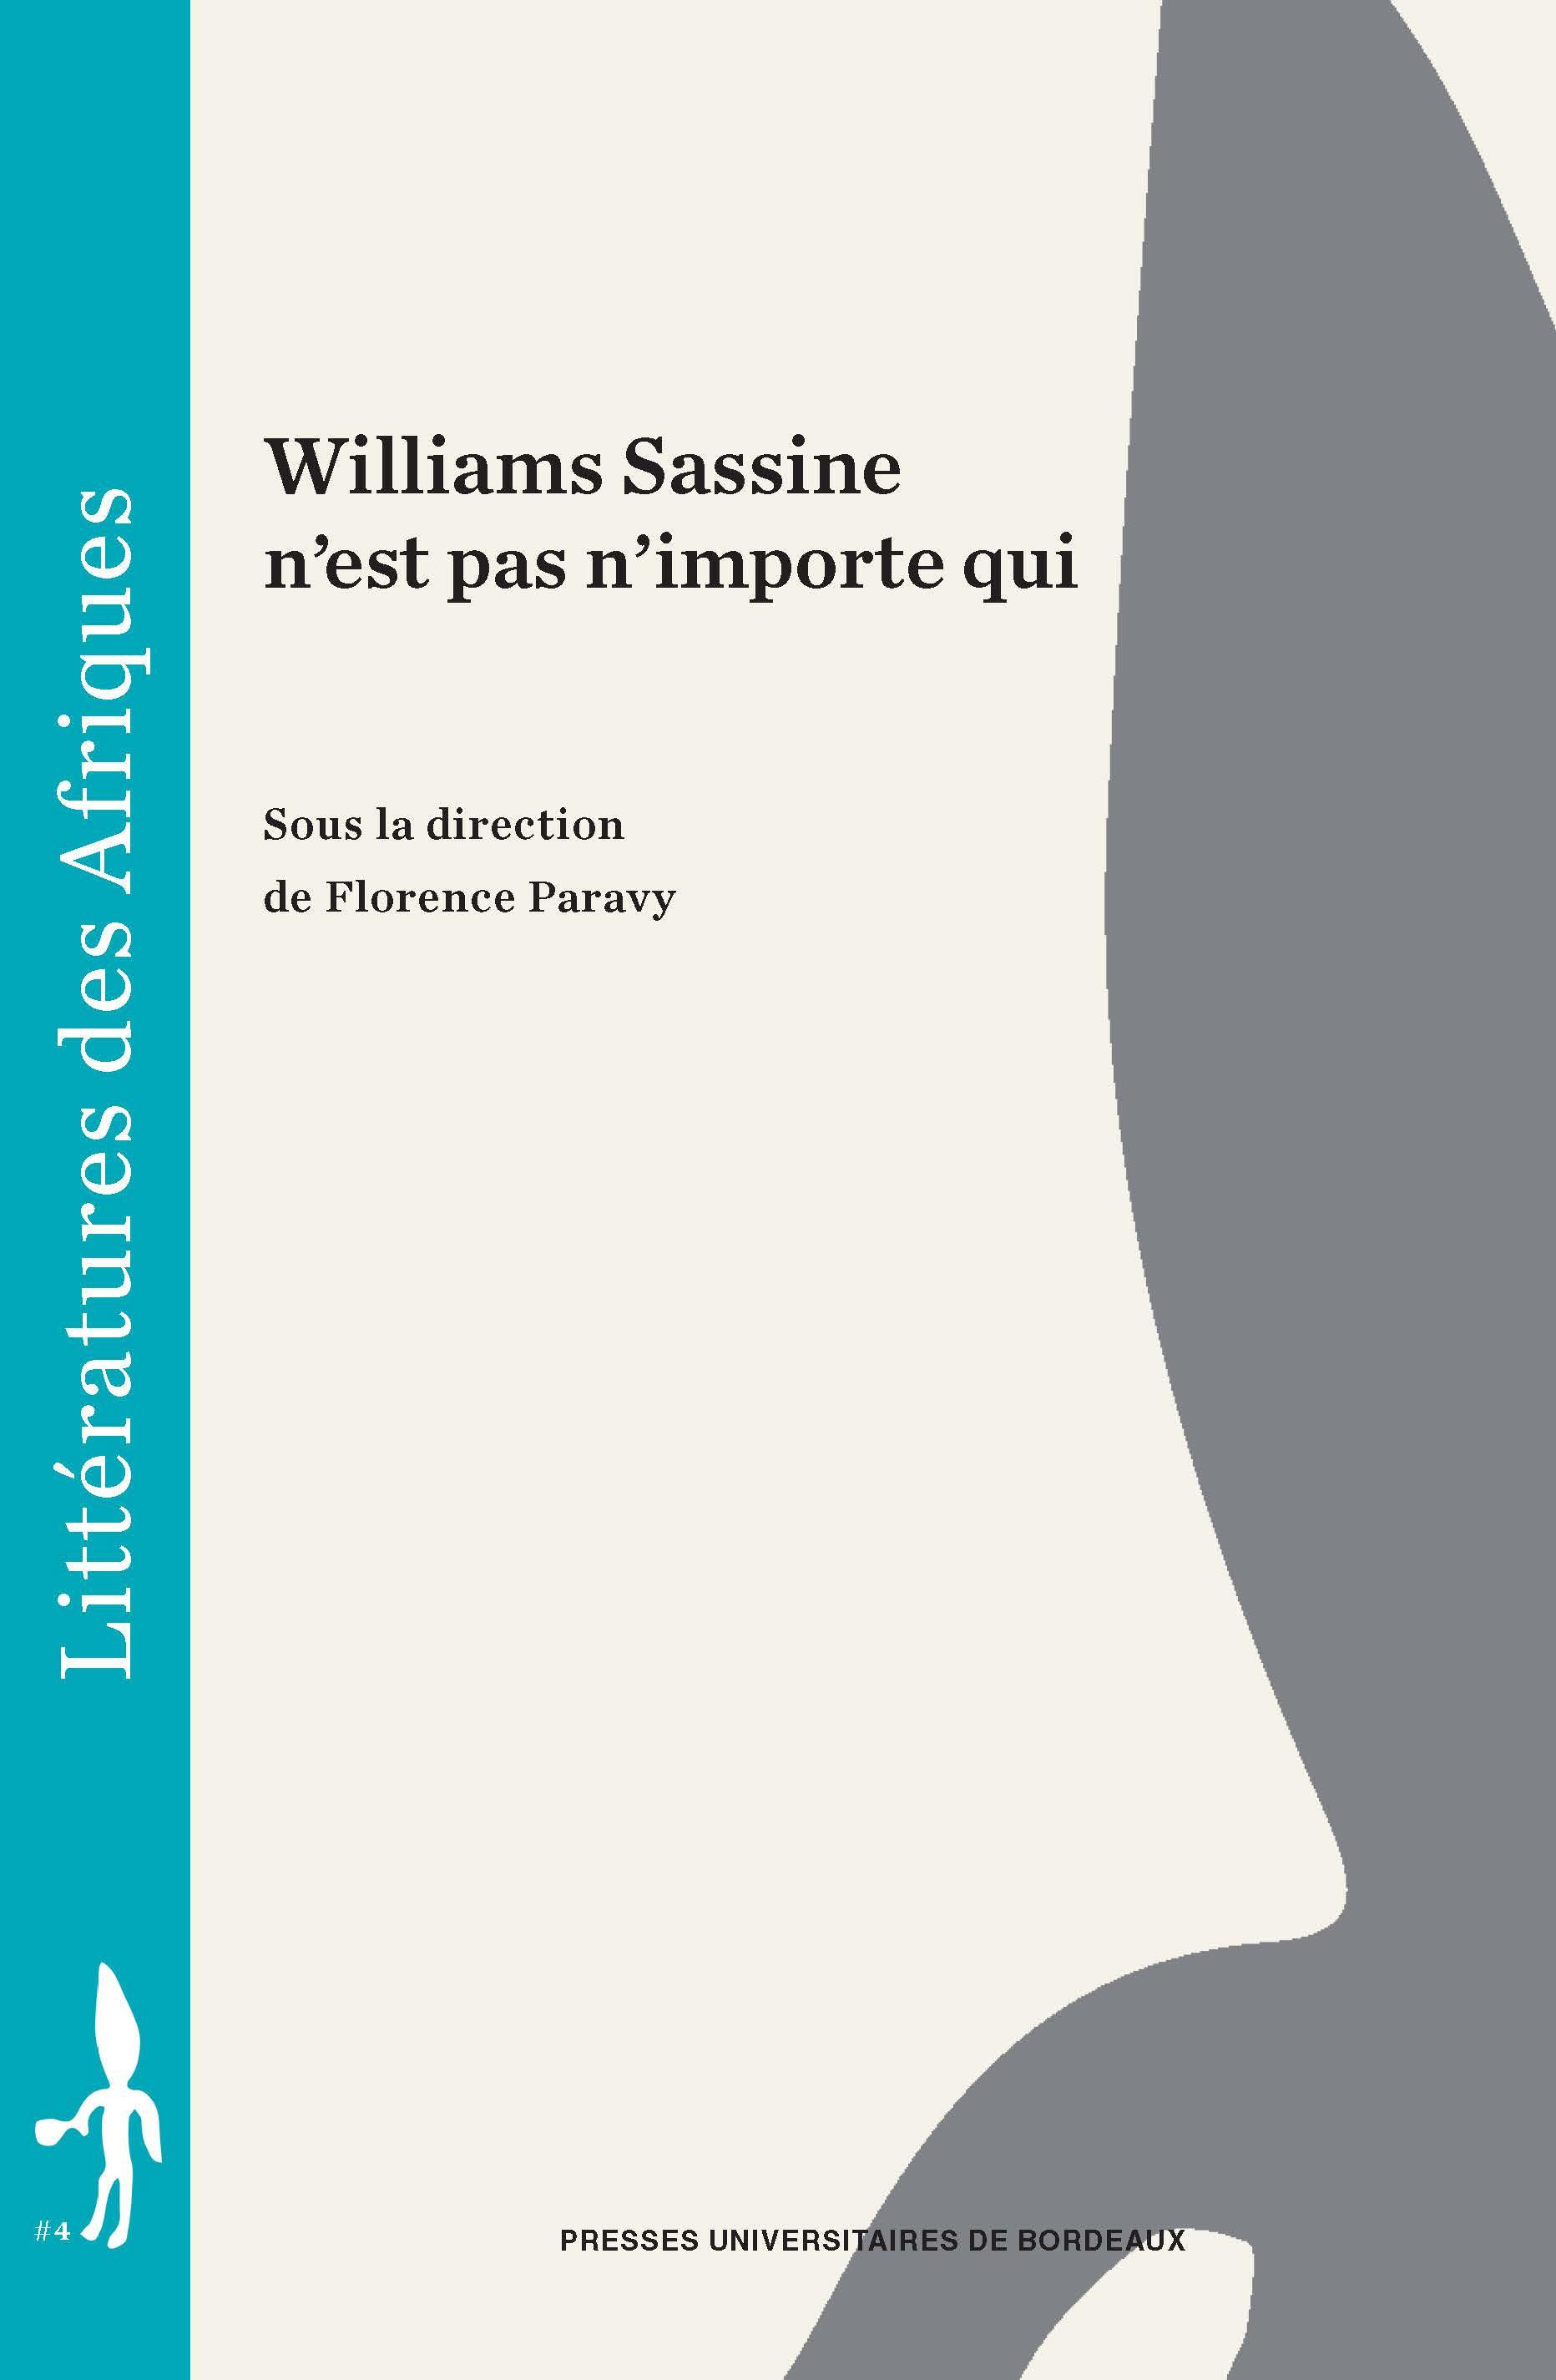 Williams Sassine n'est pas n'importe qui